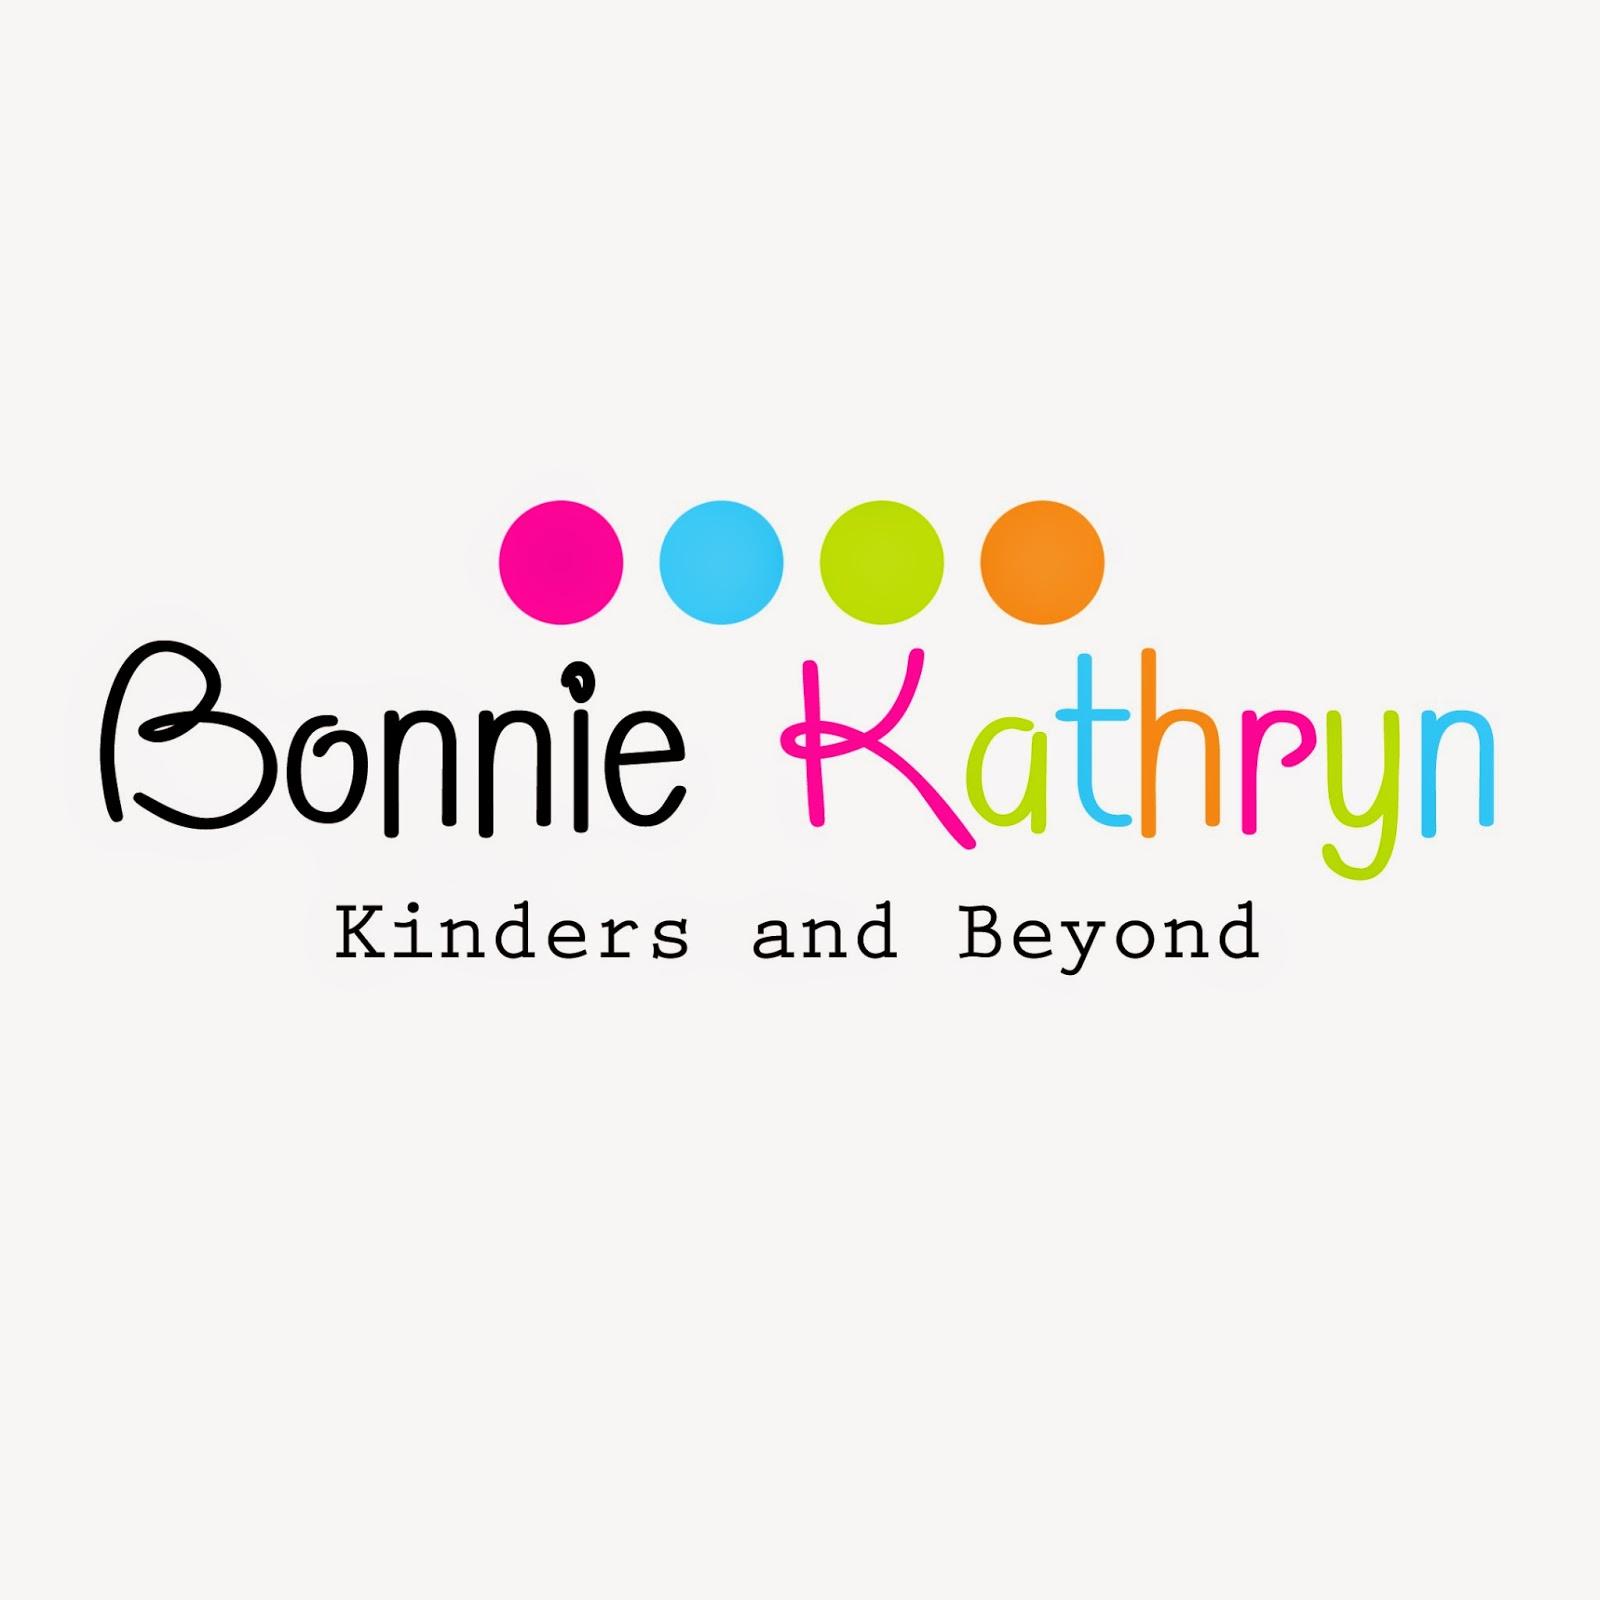 www.bonniekathryn.blogspot.com